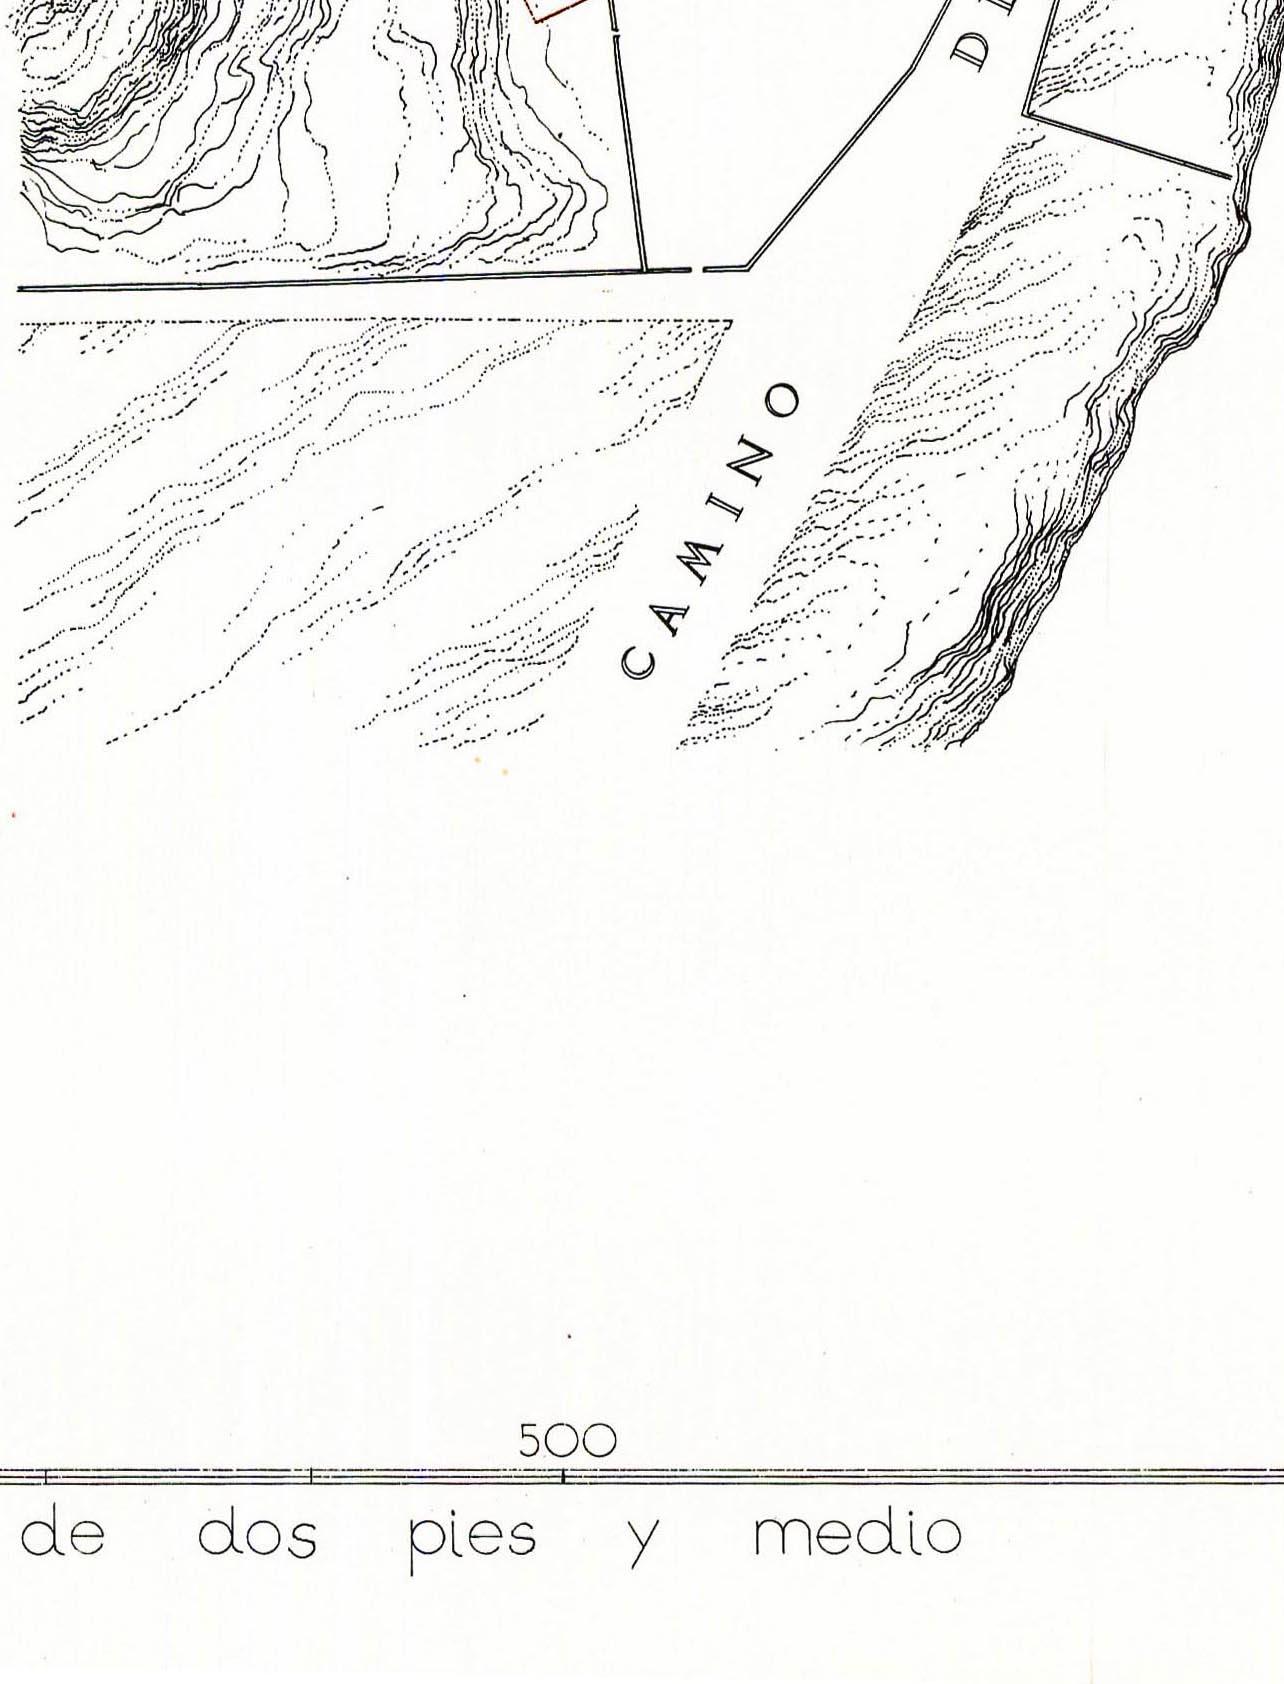 danielvillalobos-valladolid-blueprints-renaissance-j.2